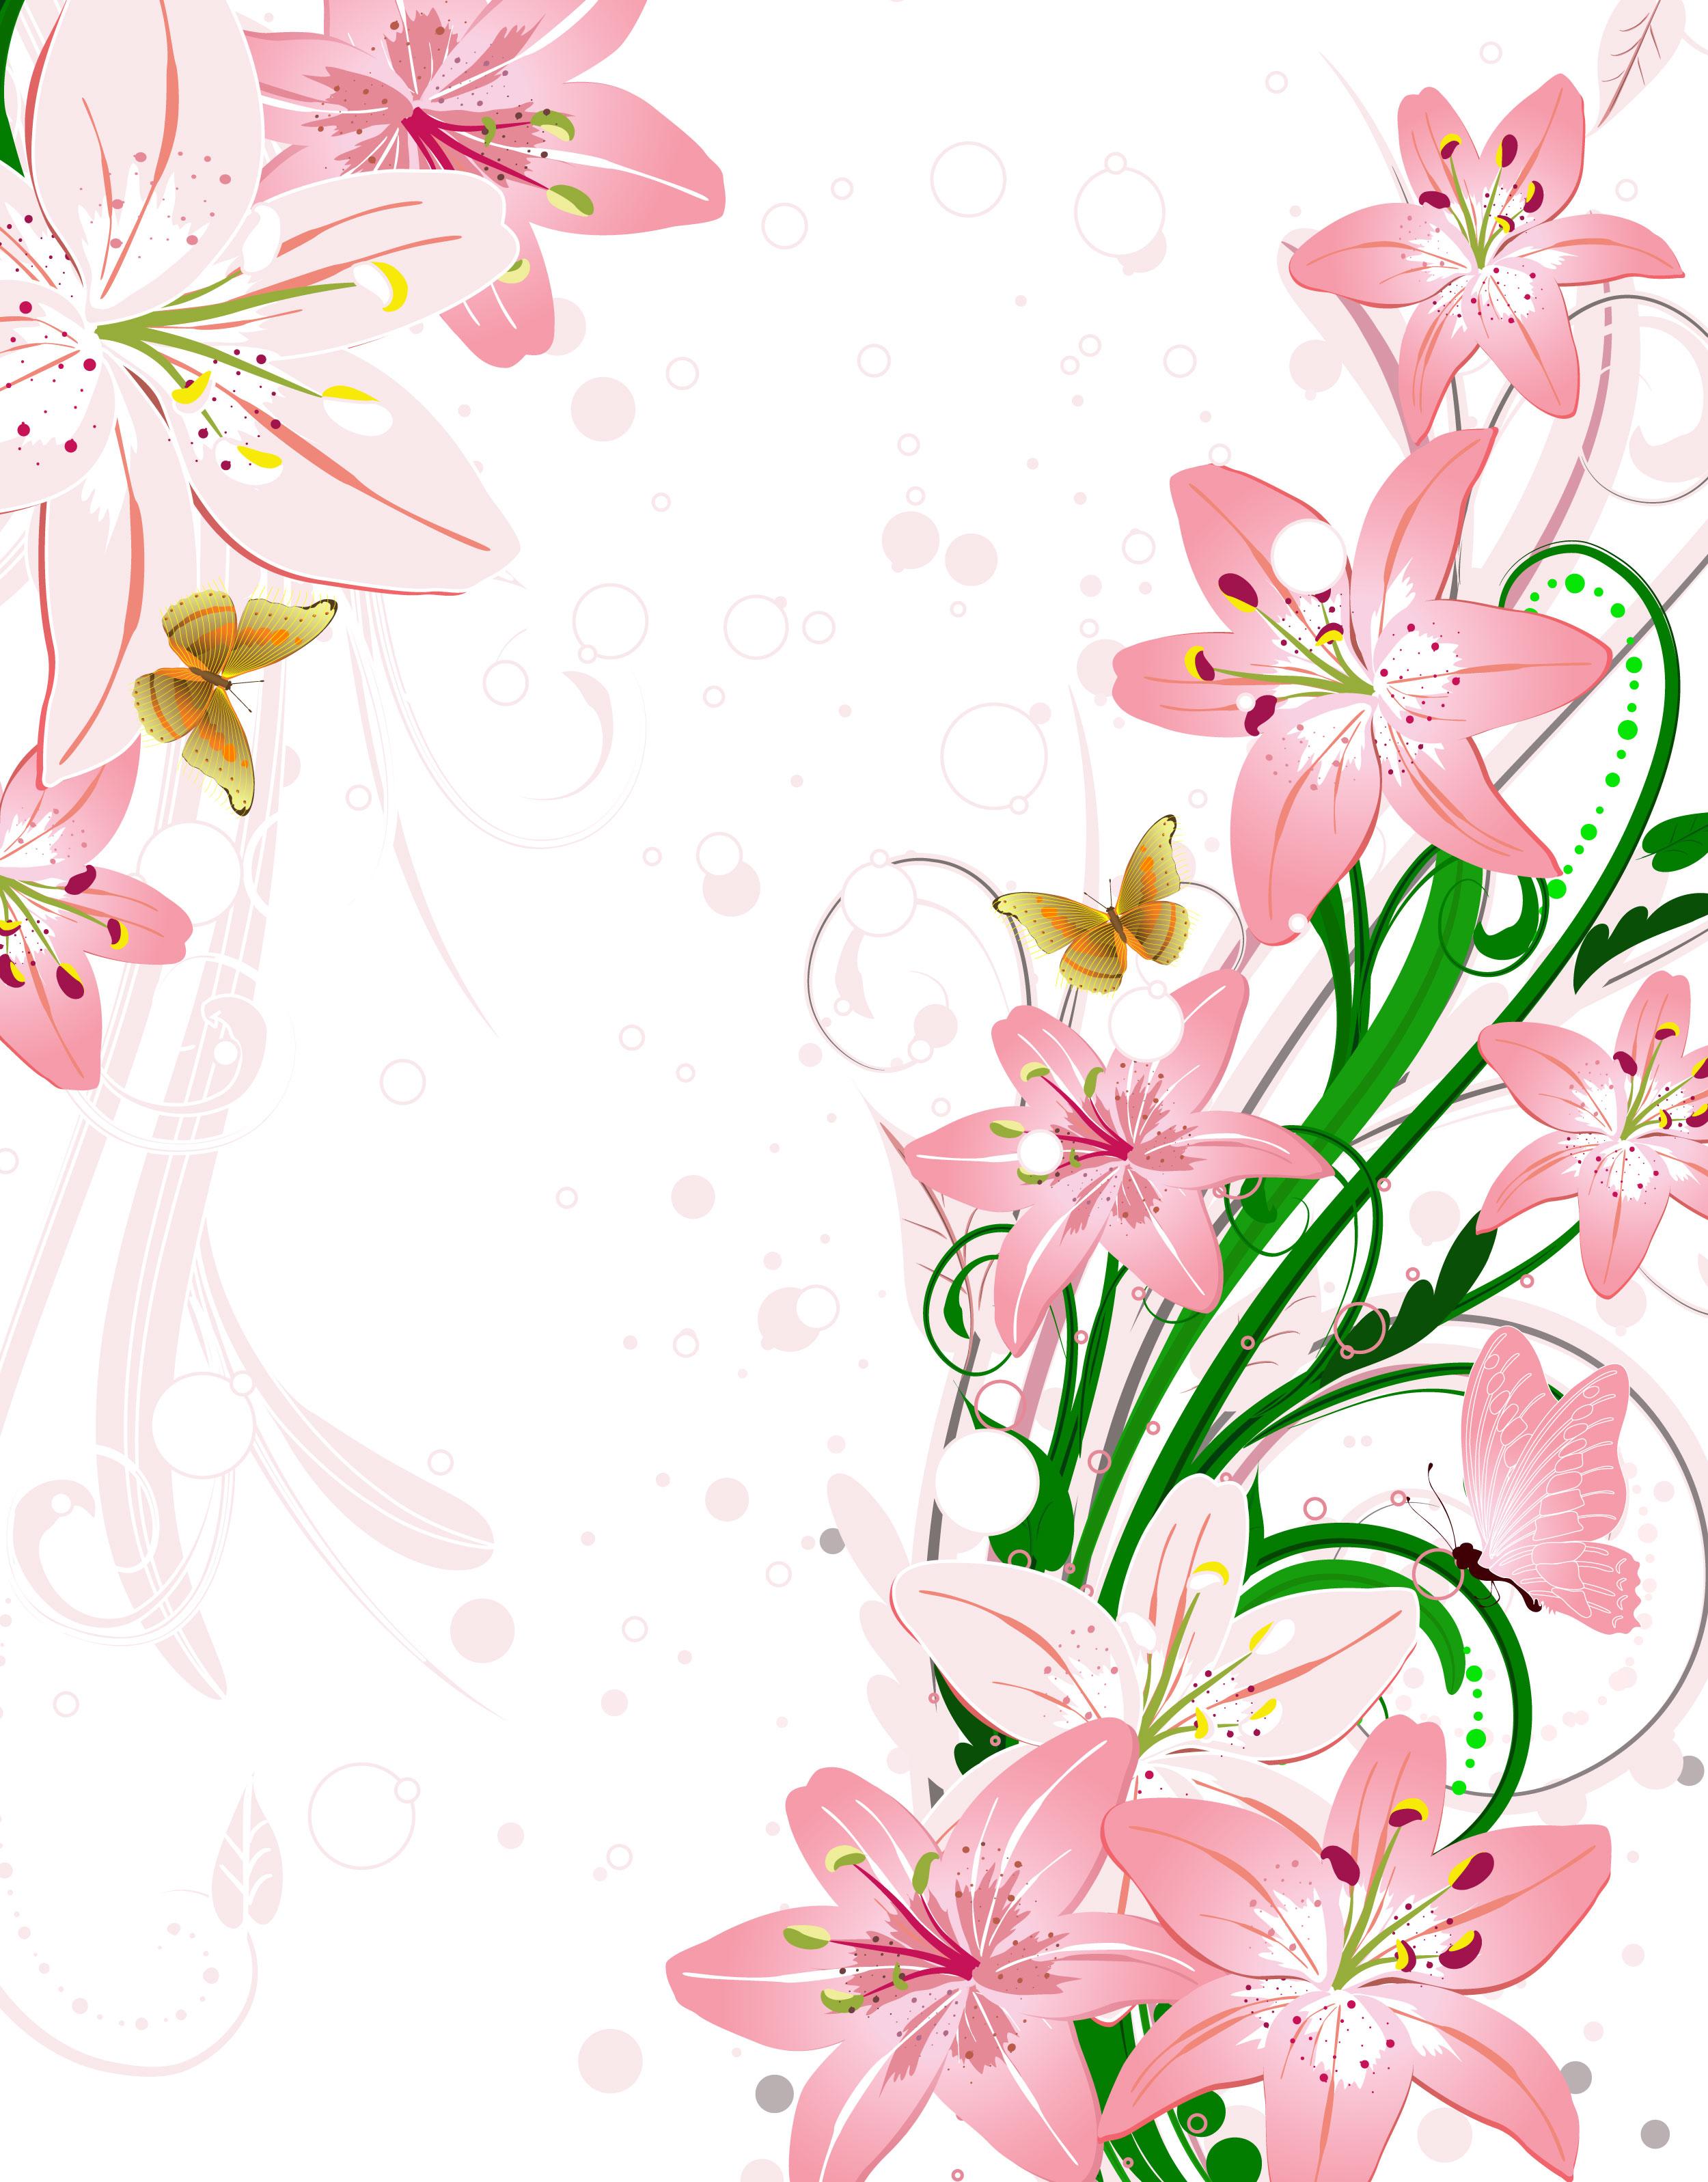 花のイラストフリー素材壁紙背景no715ピンクのユリ蝶緑葉